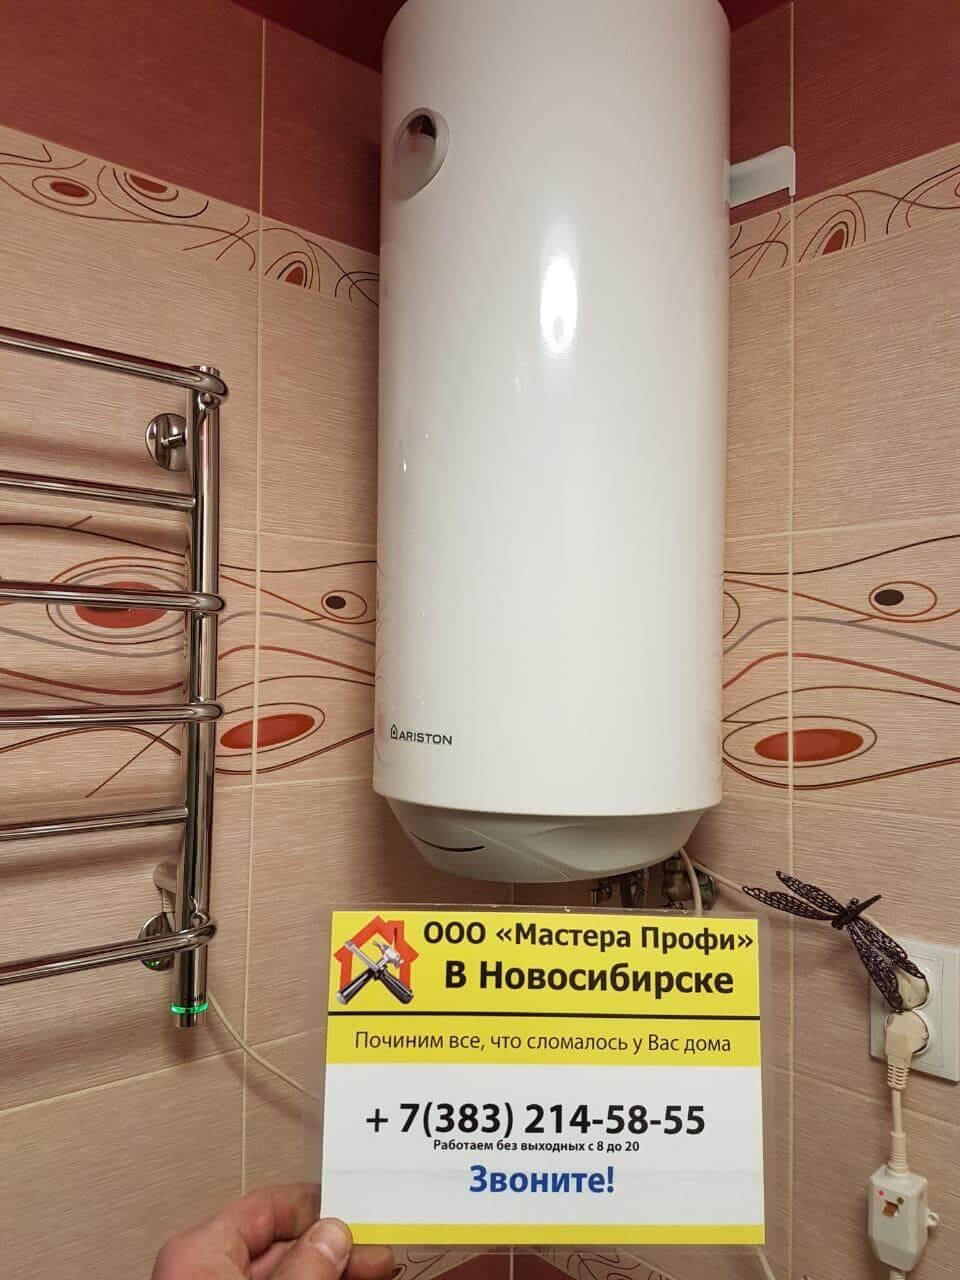 Выполненная работа - 'Монтаж водонагревателя в ванной комнате'